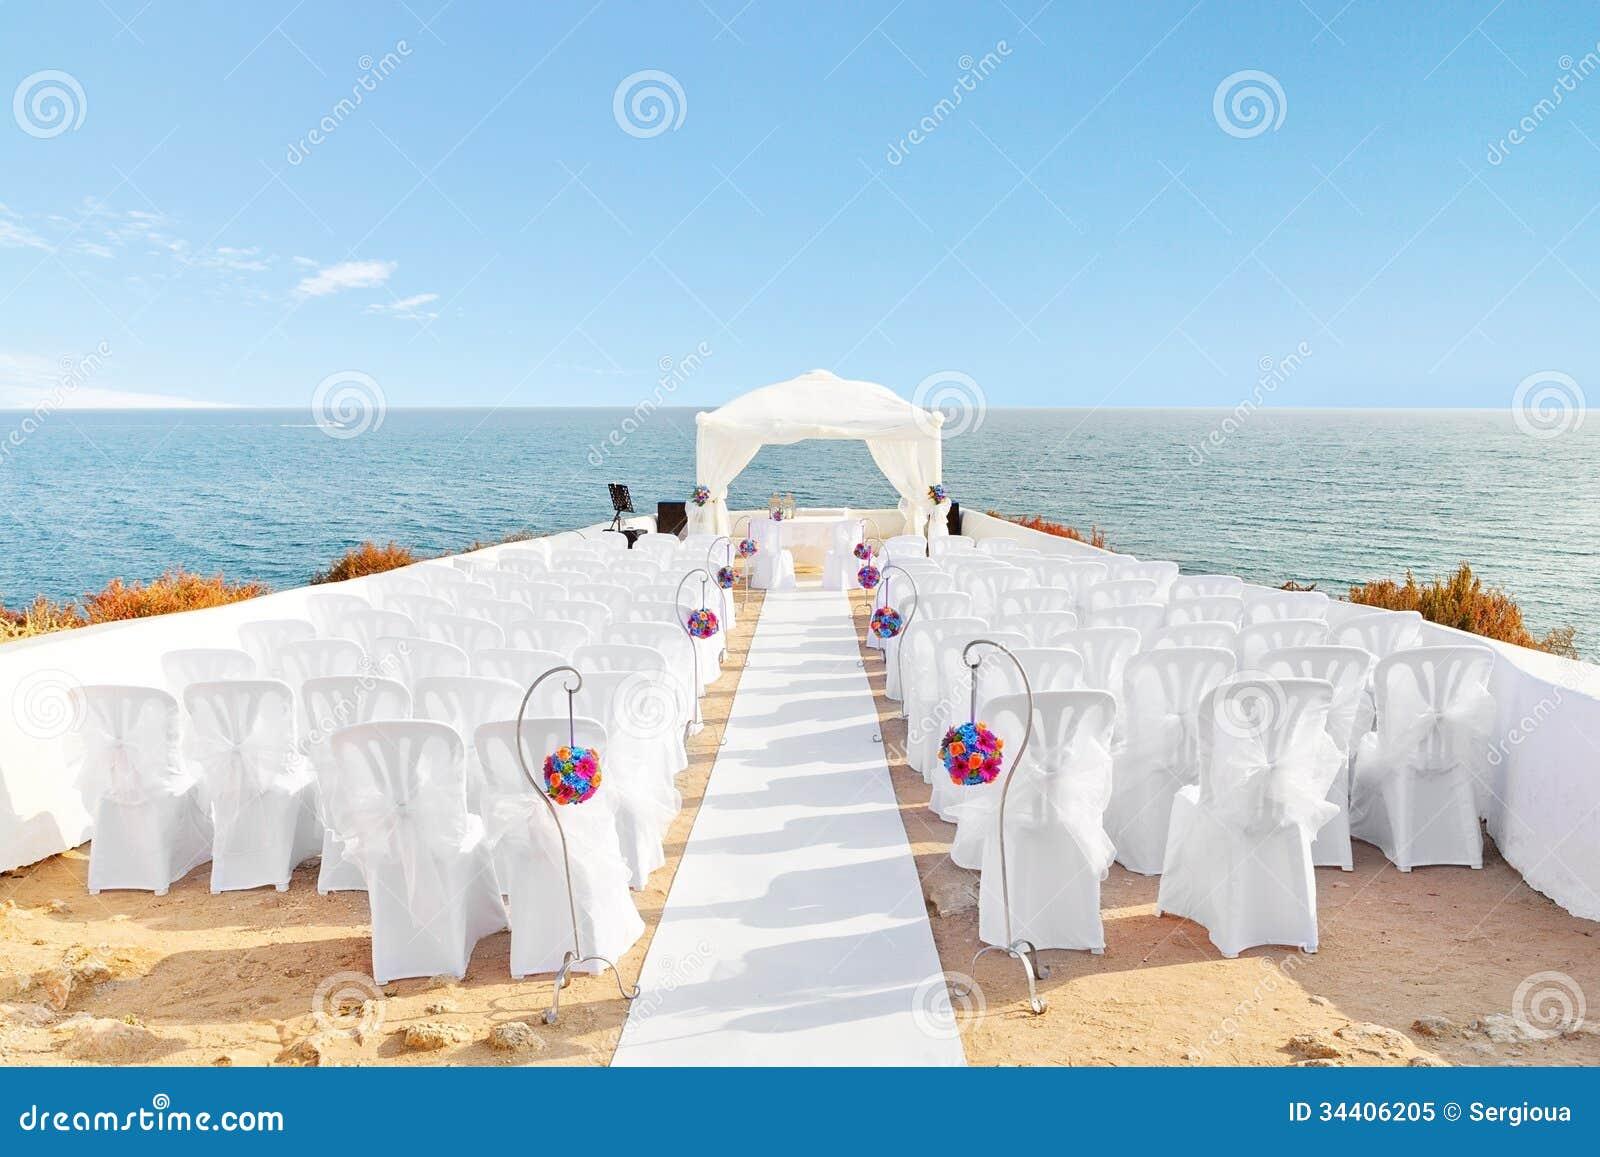 Decoraciones hermosas para la ceremonia de boda.